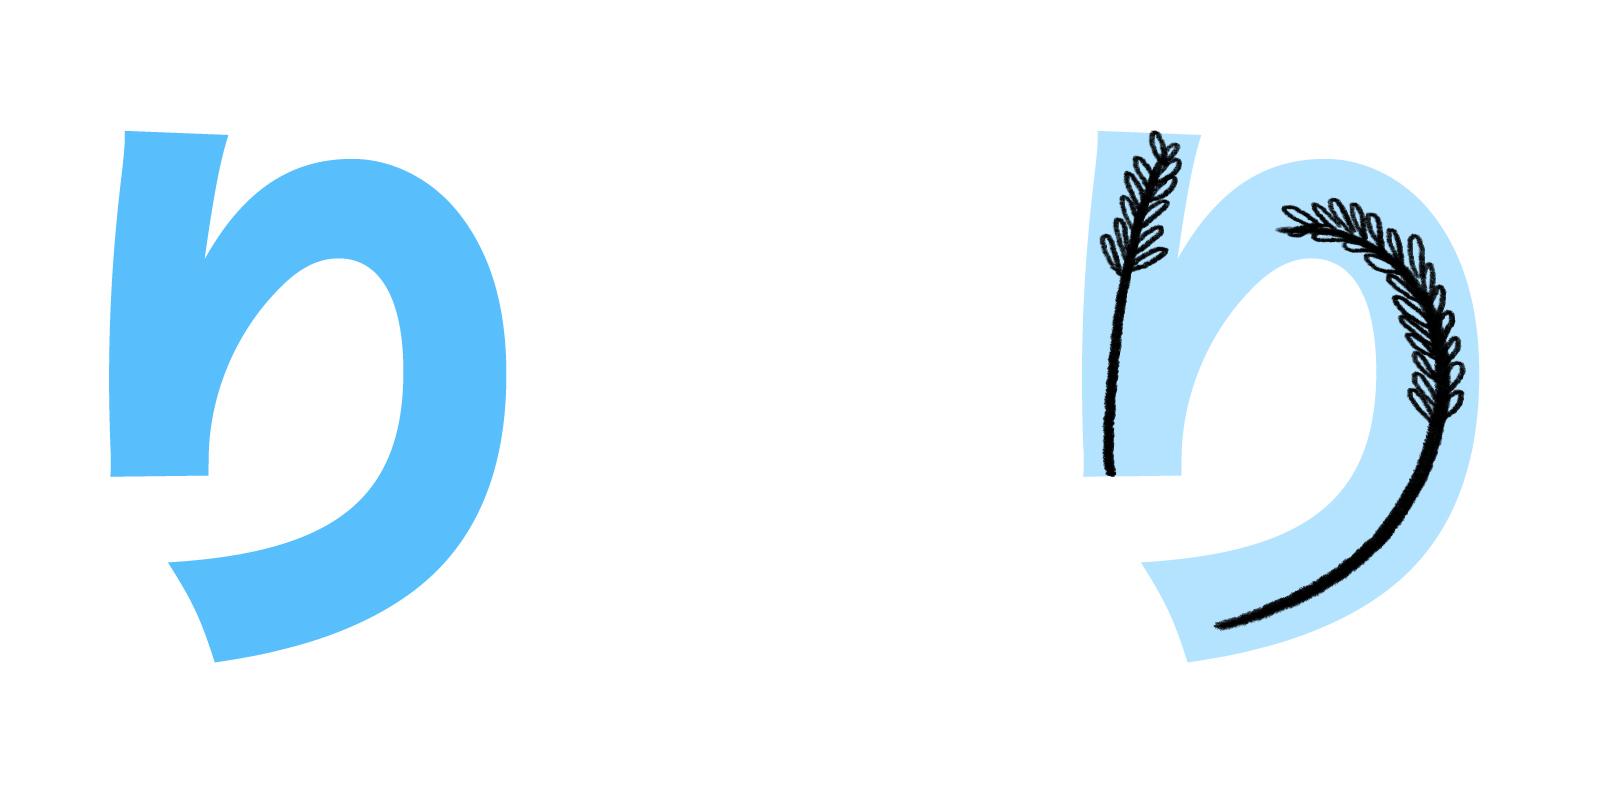 り hiragana mnemonic